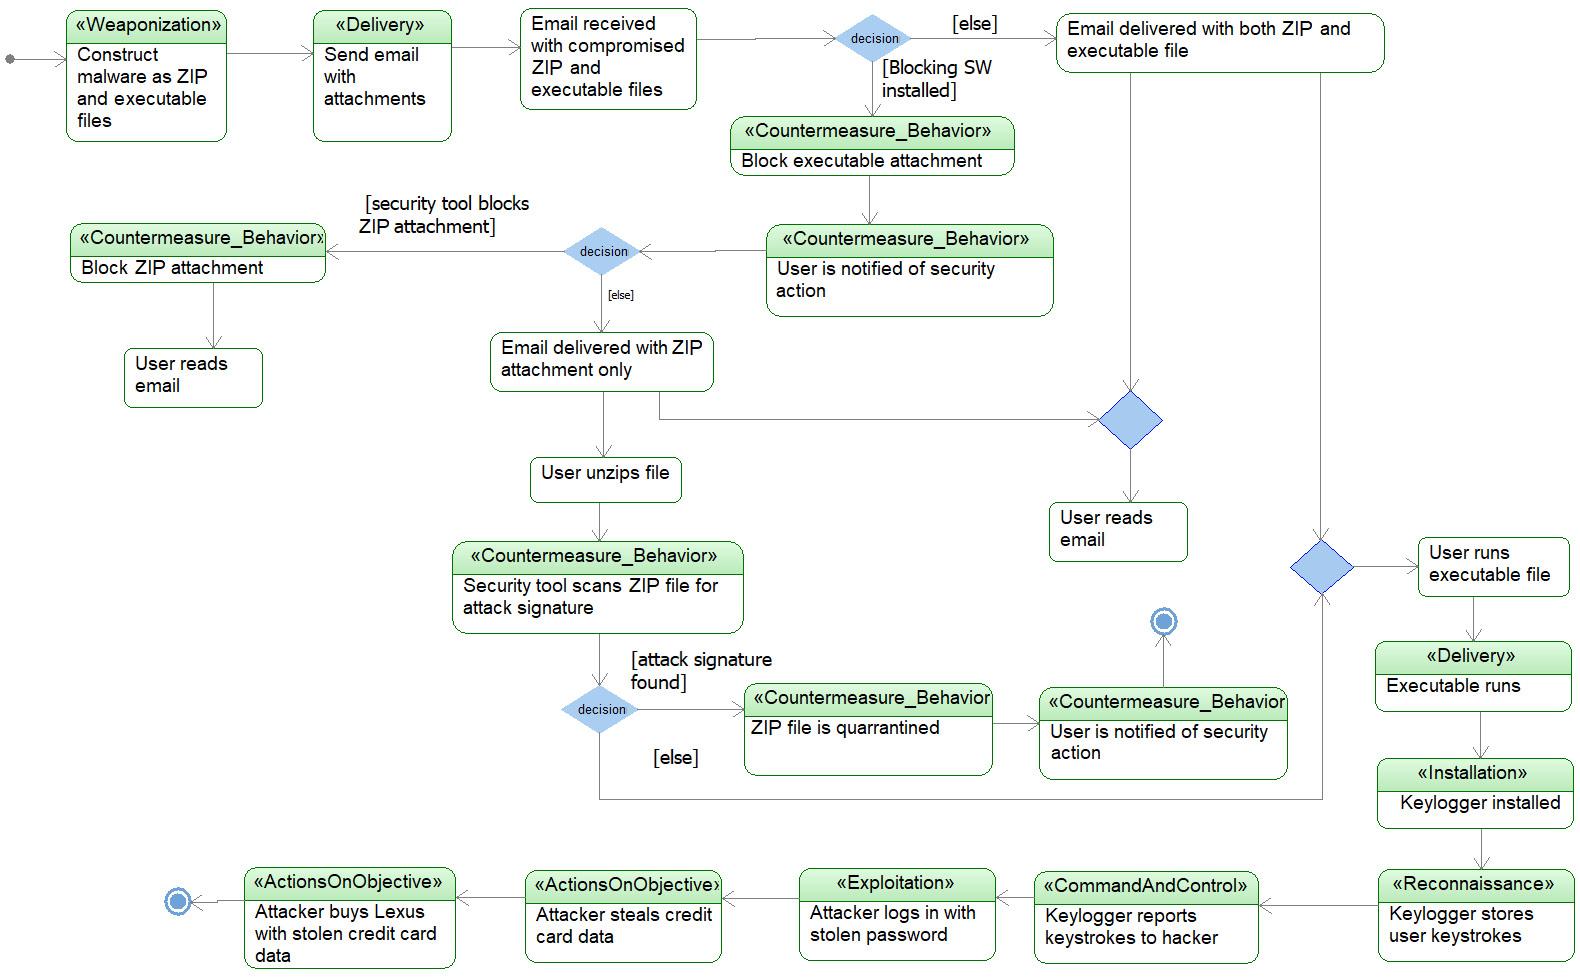 Figure 2.65 – Example attack flow diagram